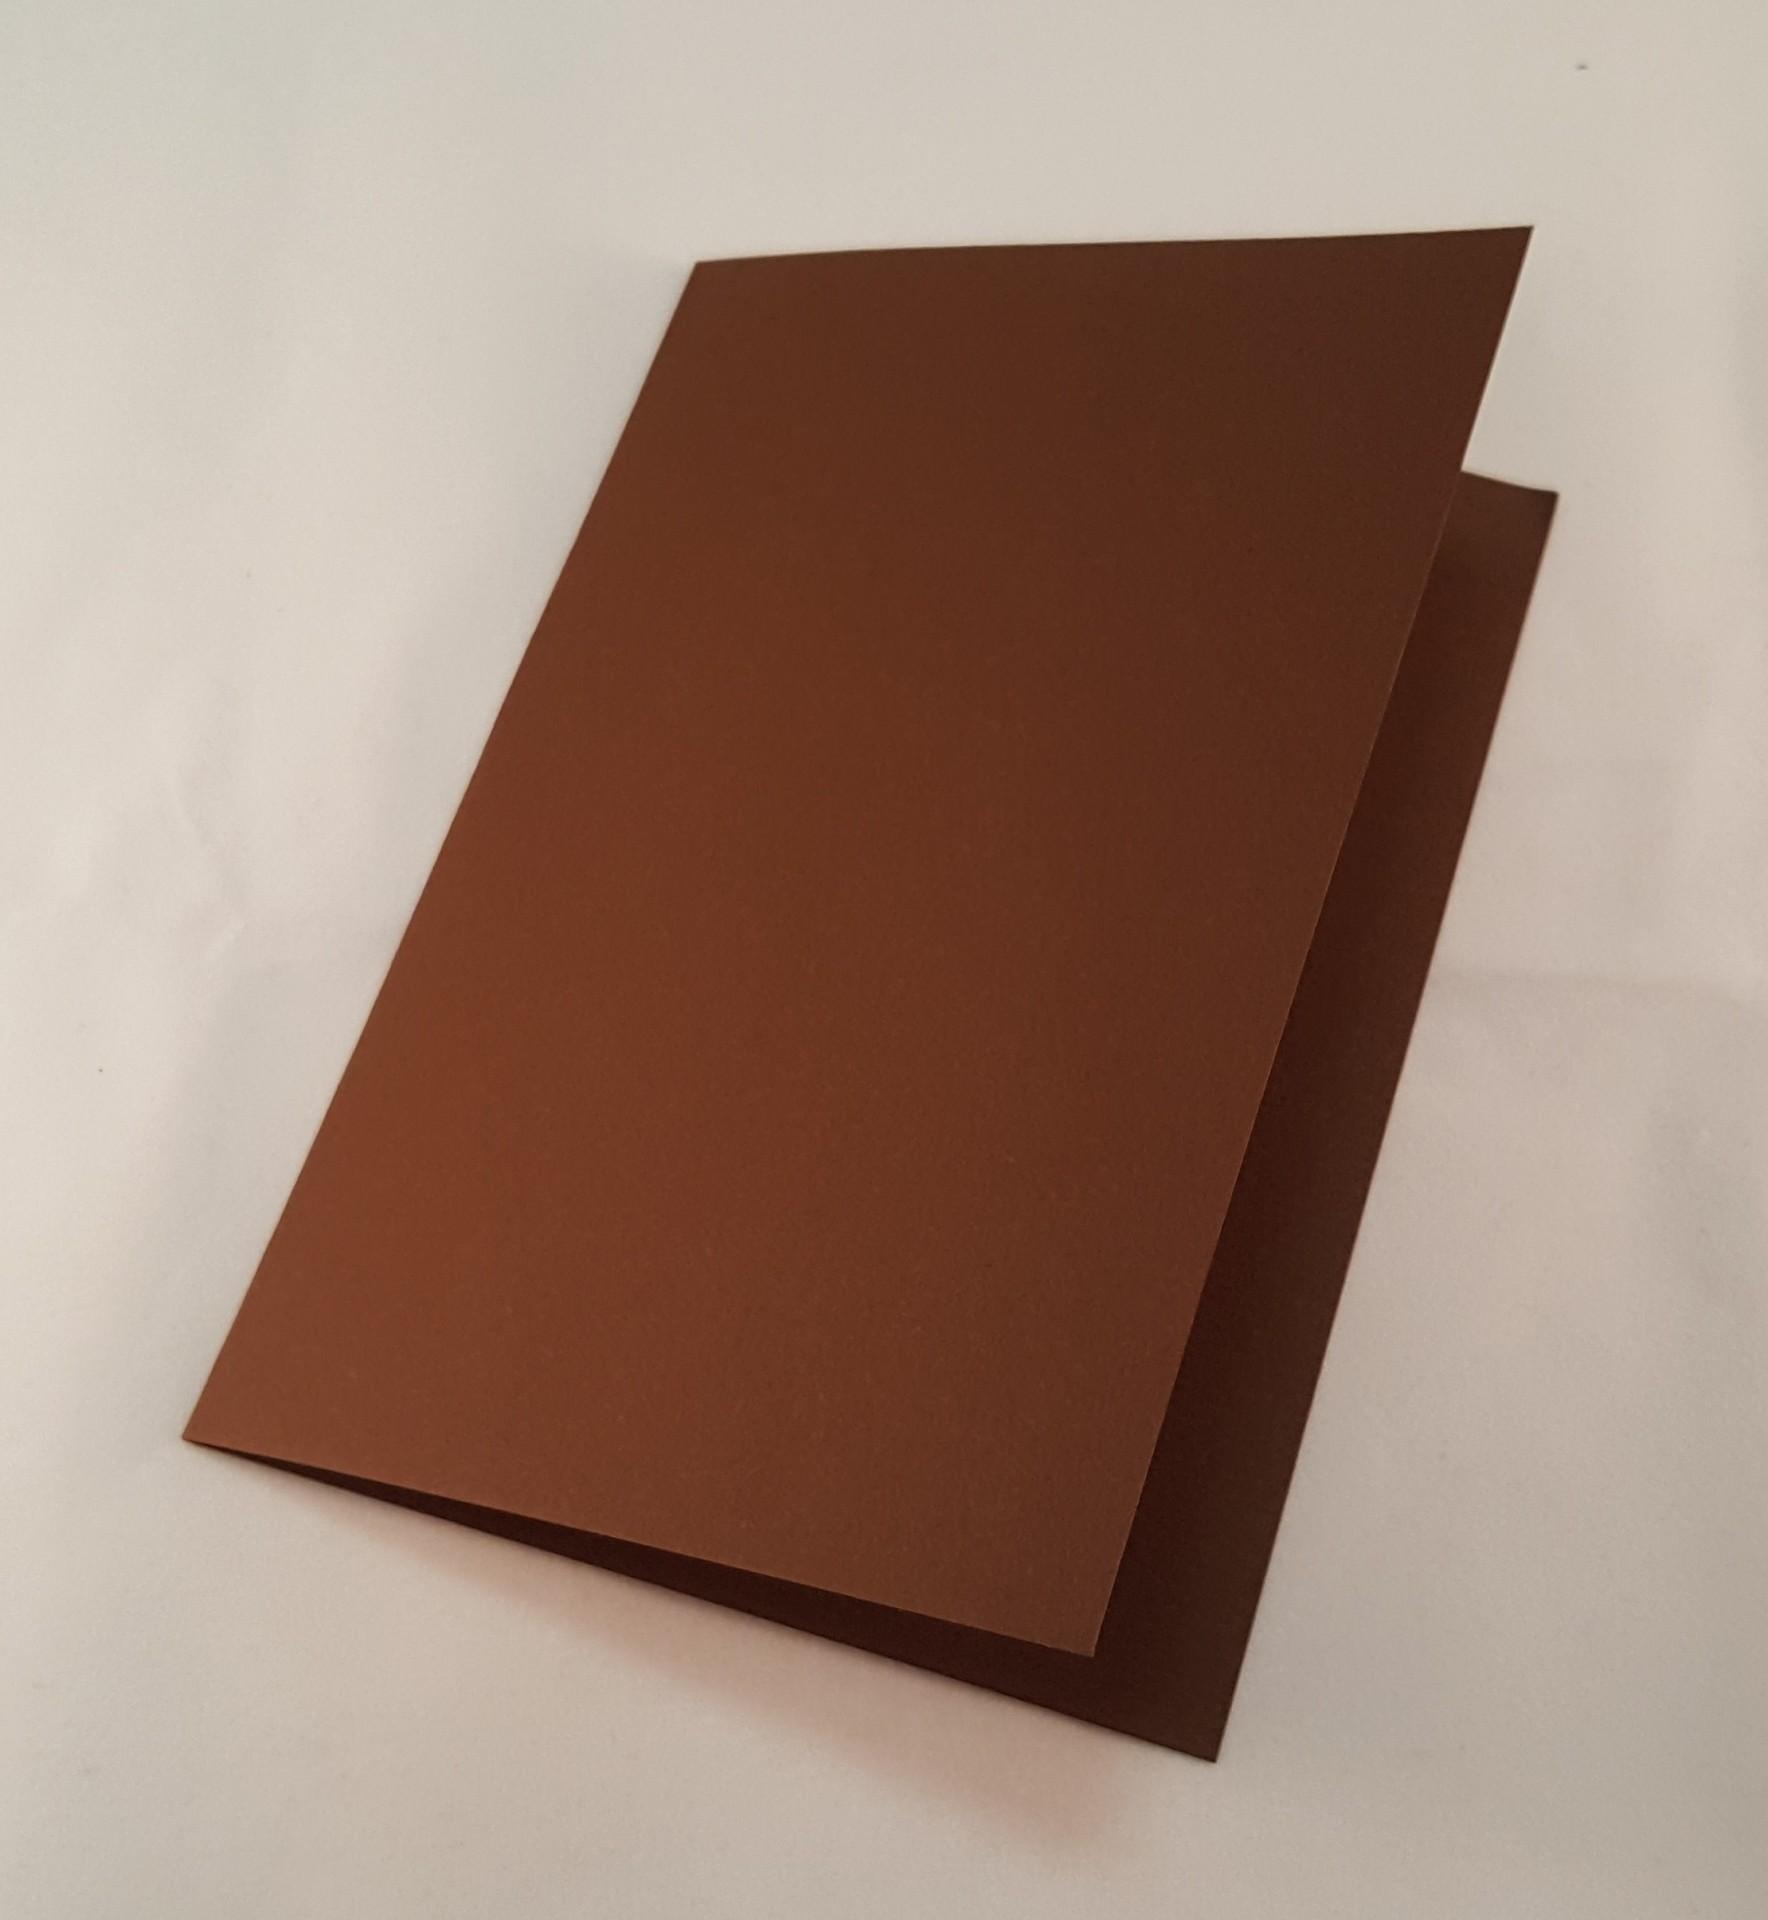 Cartão C6 colorido cor castanho escuro